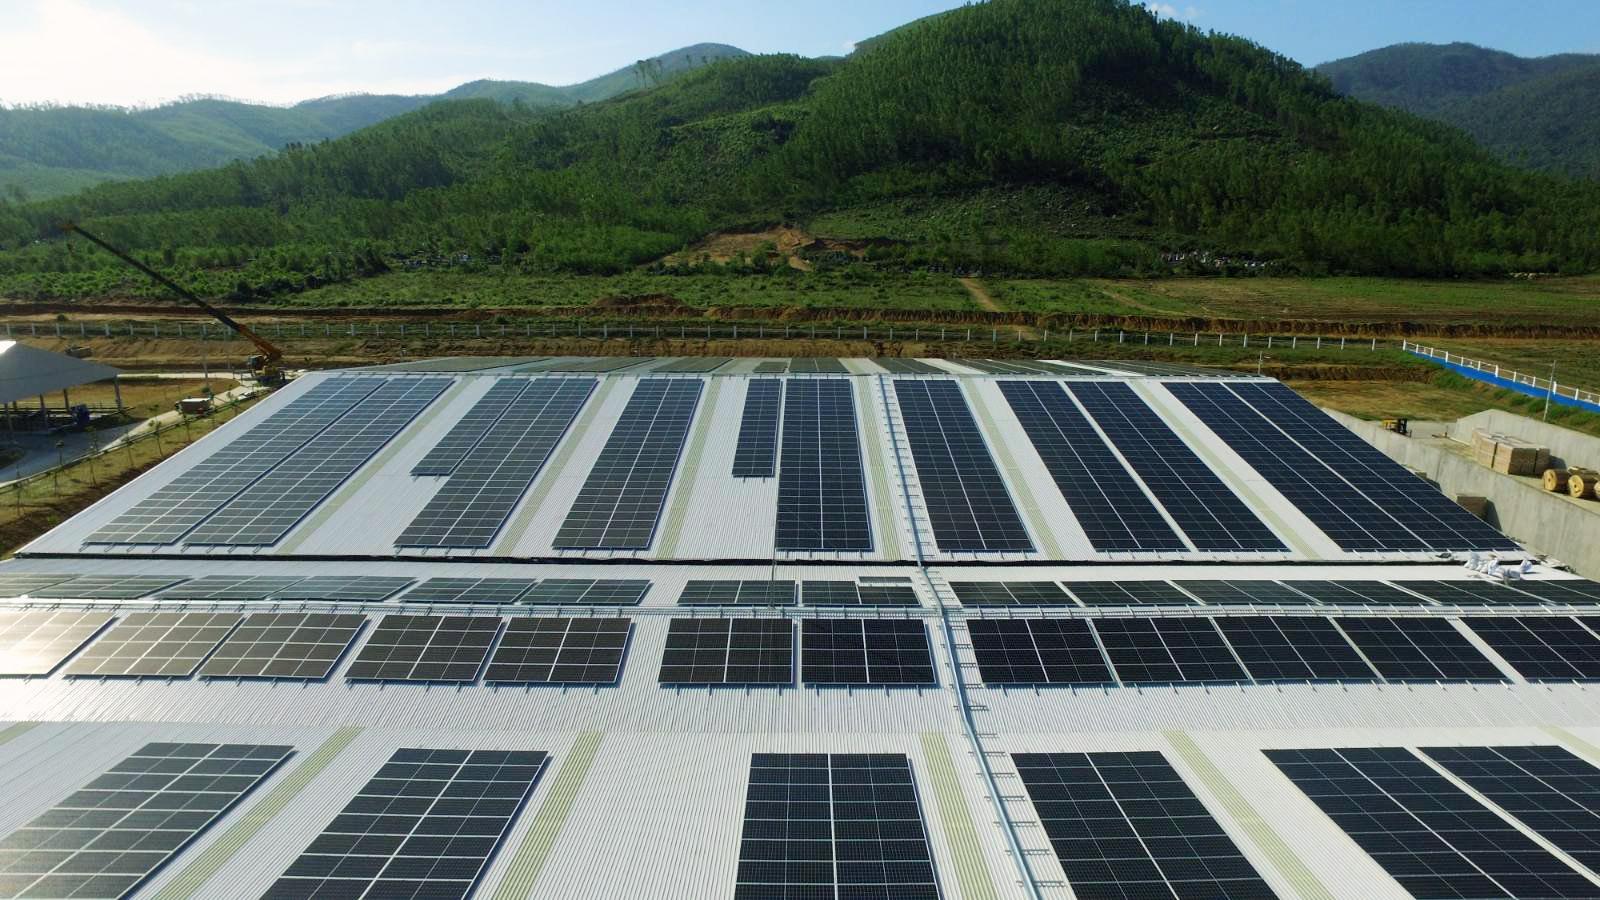 Hệ thống năng lượng mặt trời được Vinamilk triển khai tại Hệ Thống Trang Trại Sinh Thái Vinamilk Green Farm